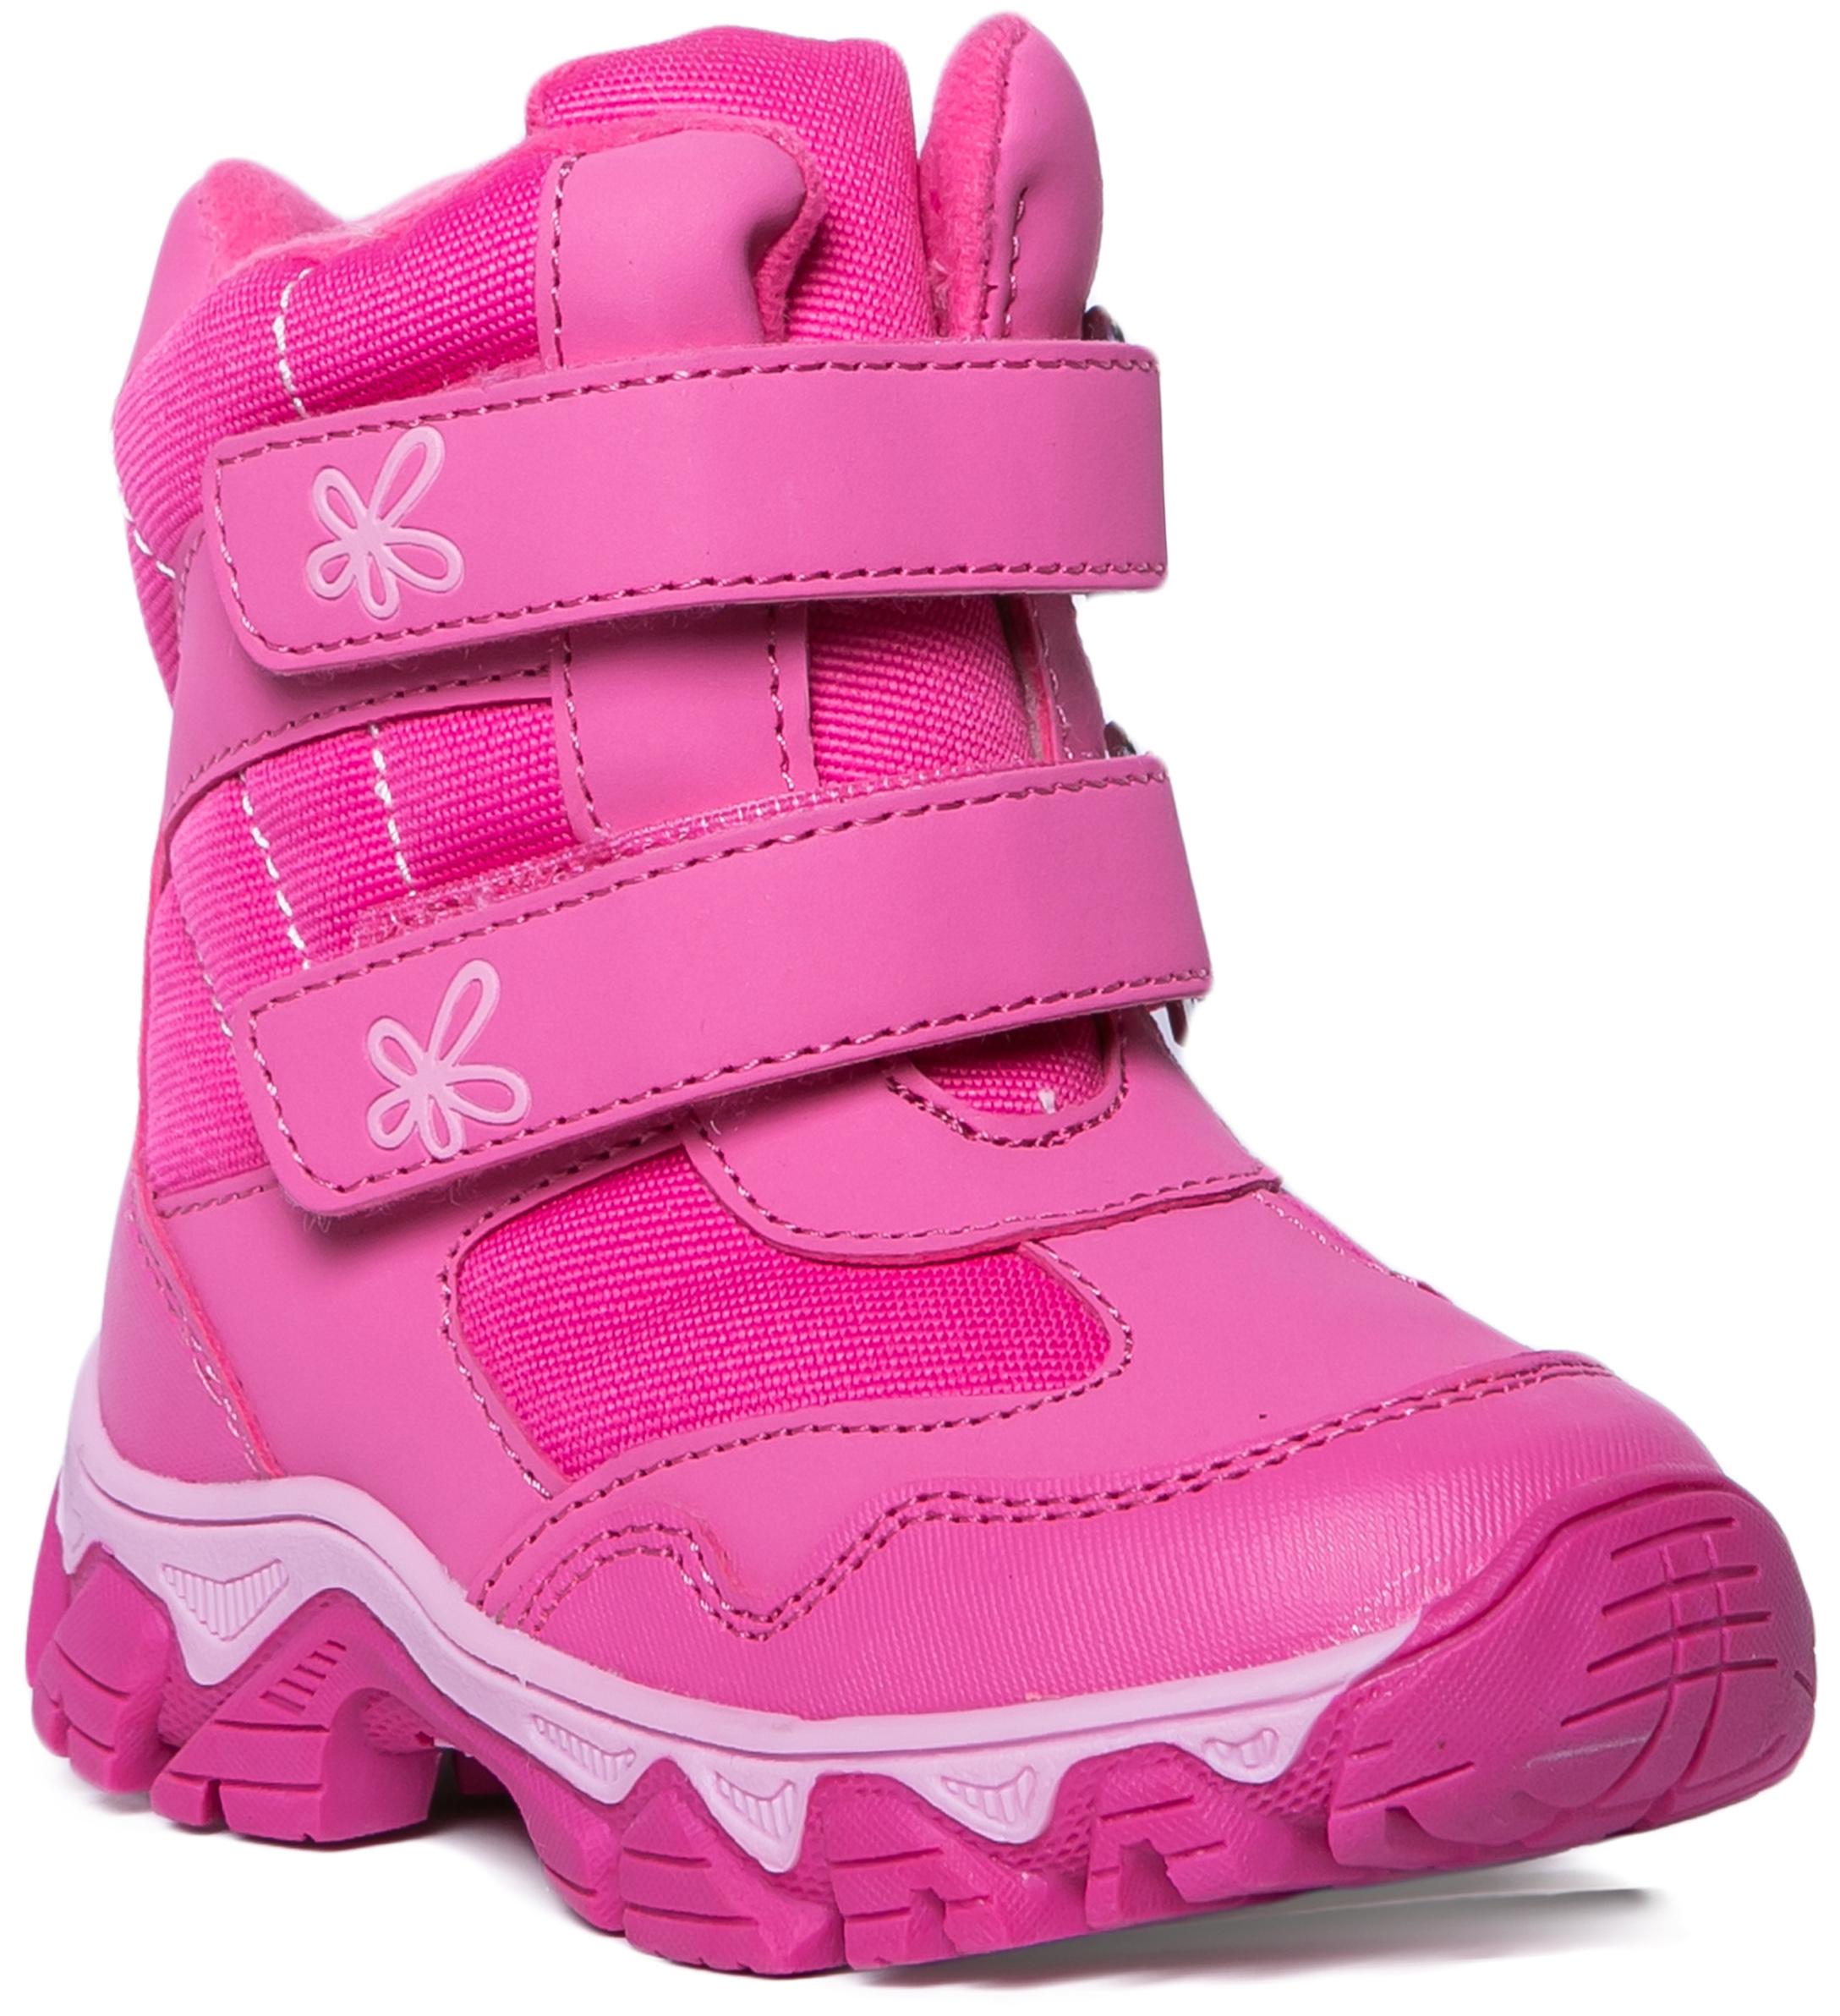 Ботинки и полуботинки Barkito Ботинки для девочки Barkito, розовый цены онлайн